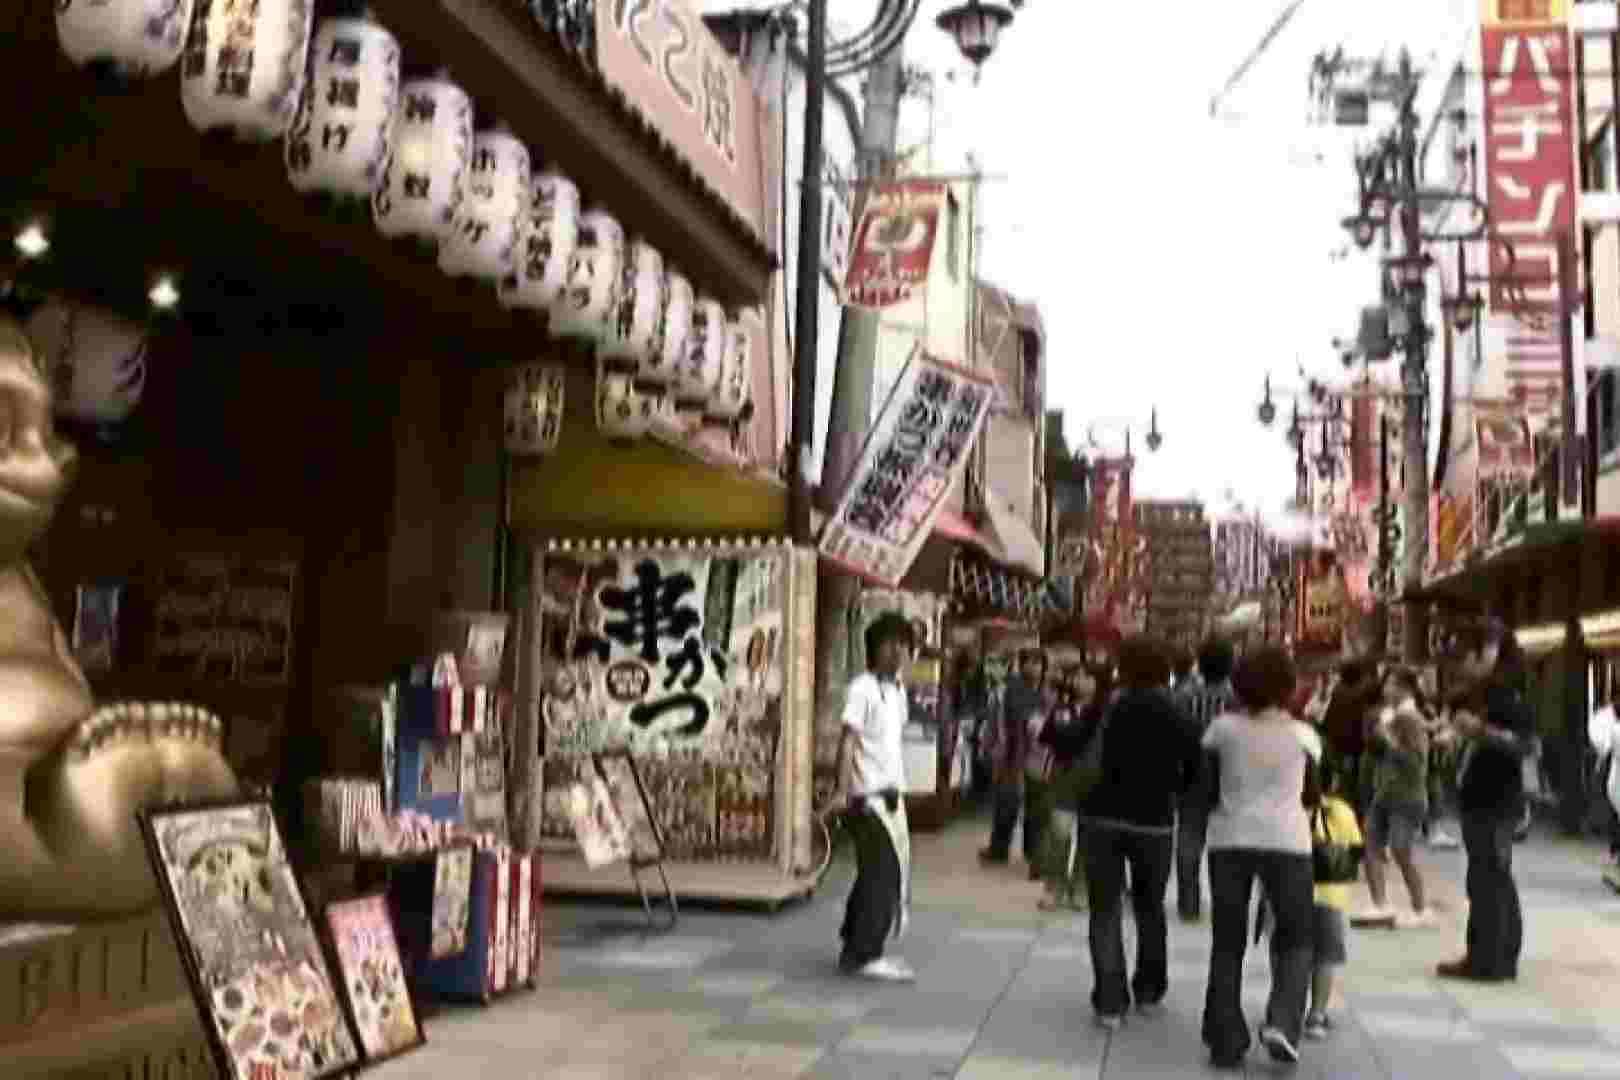 素人ナンパ本番撮り!出会い系でGET!Vol.13 人妻のエロ生活 おめこ無修正動画無料 38連発 18